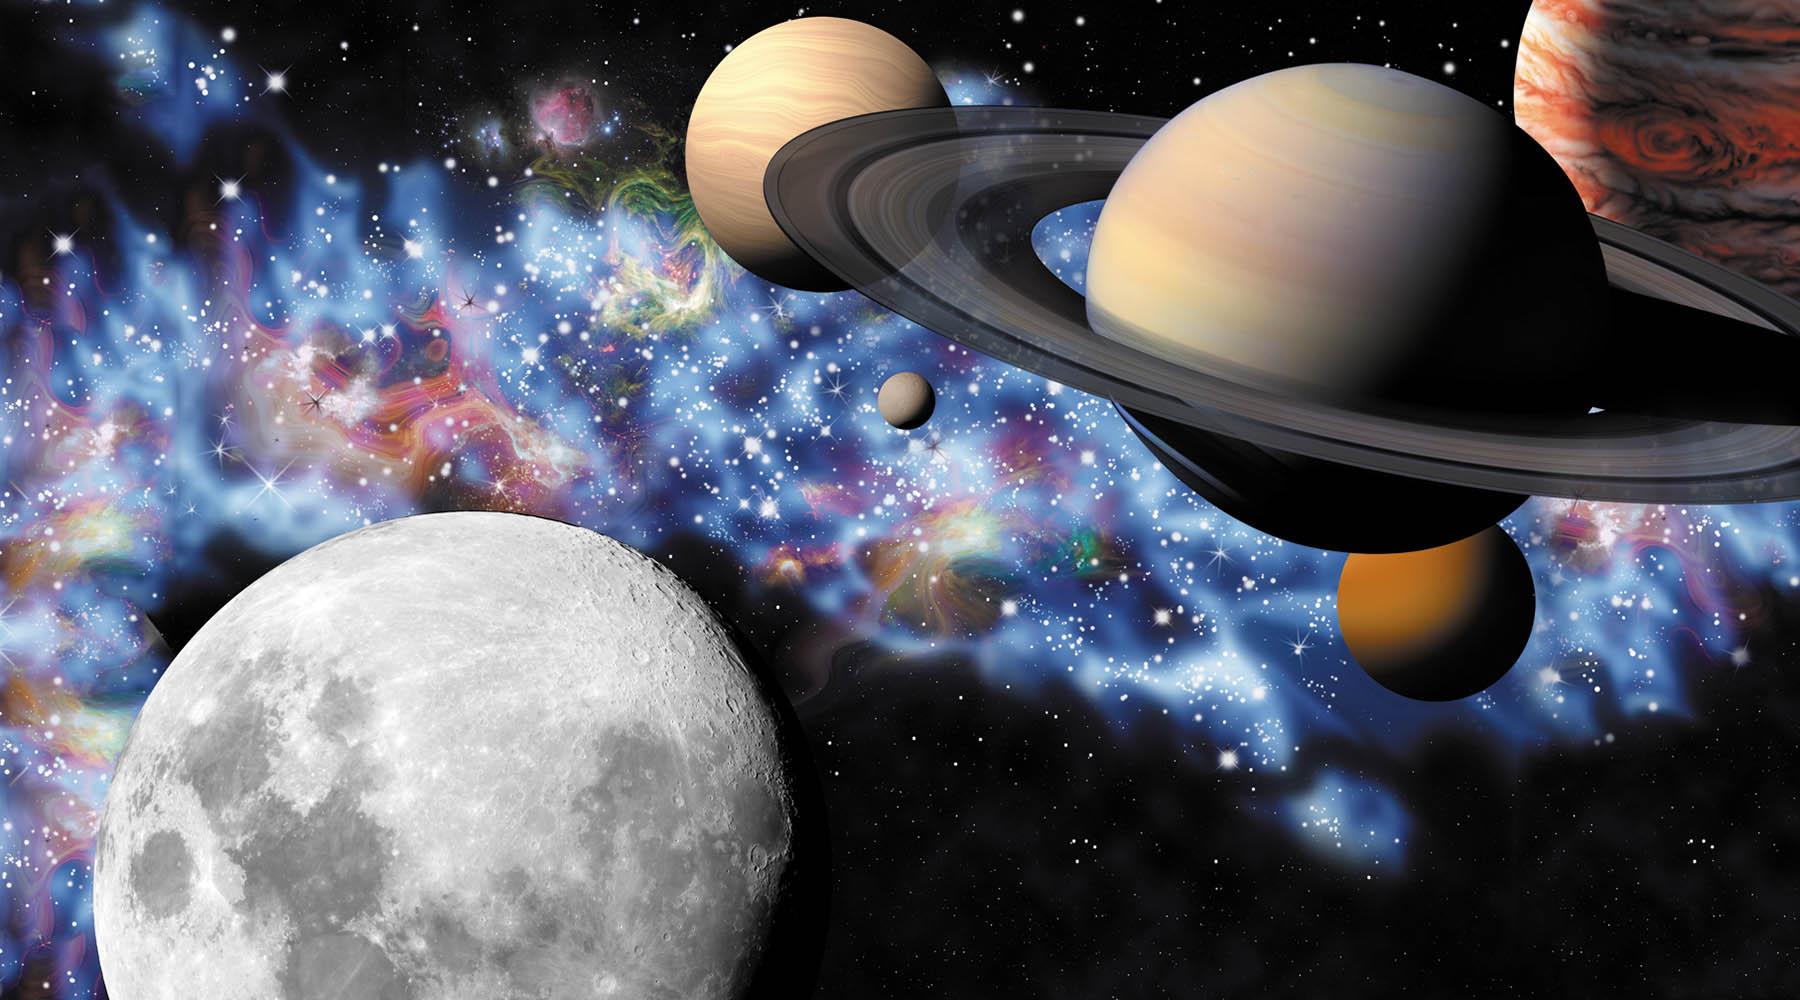 Солнечная система фотообои